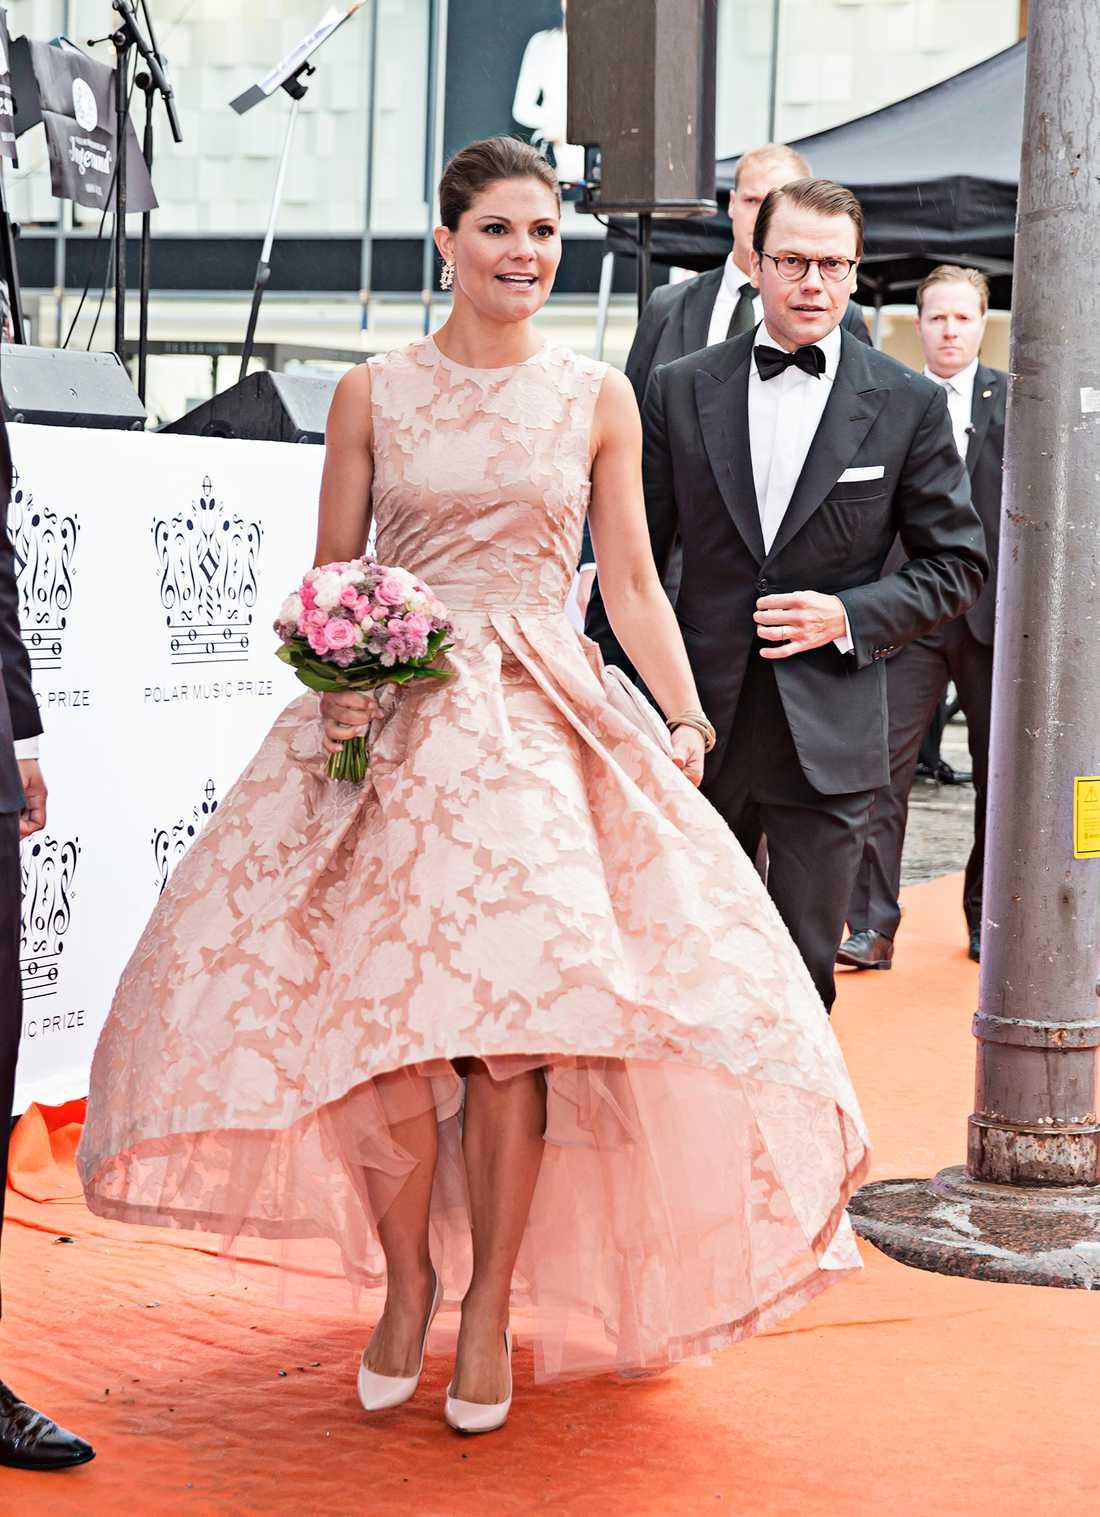 Victoria på Polarpriset 2014 klädd i en pastelldröm som kommer från H&M.